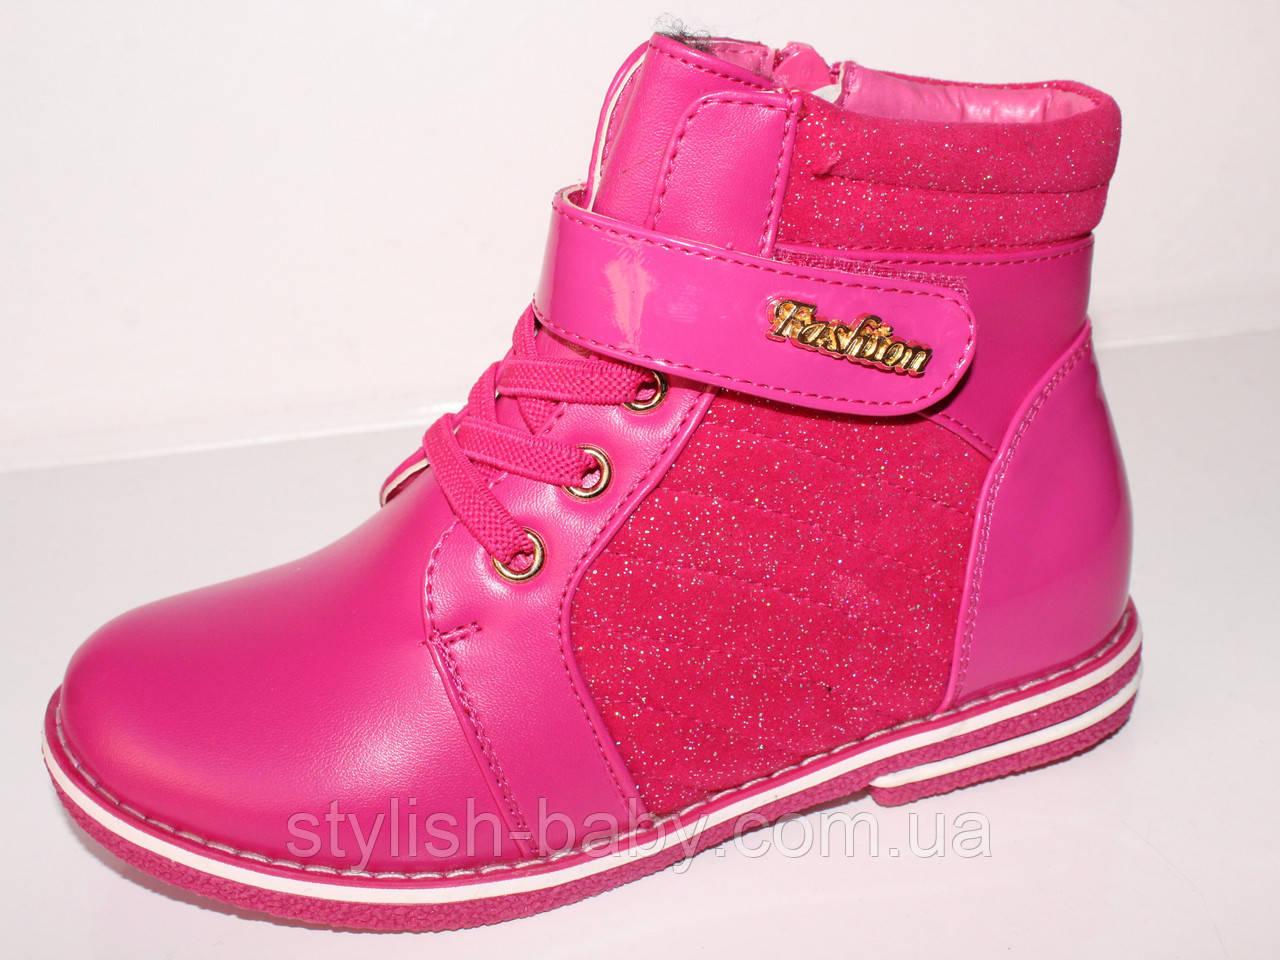 Детская обувь оптом. Детская демисезонная обувь бренда M.L.V. для девочек (рр. с 27 по 32)